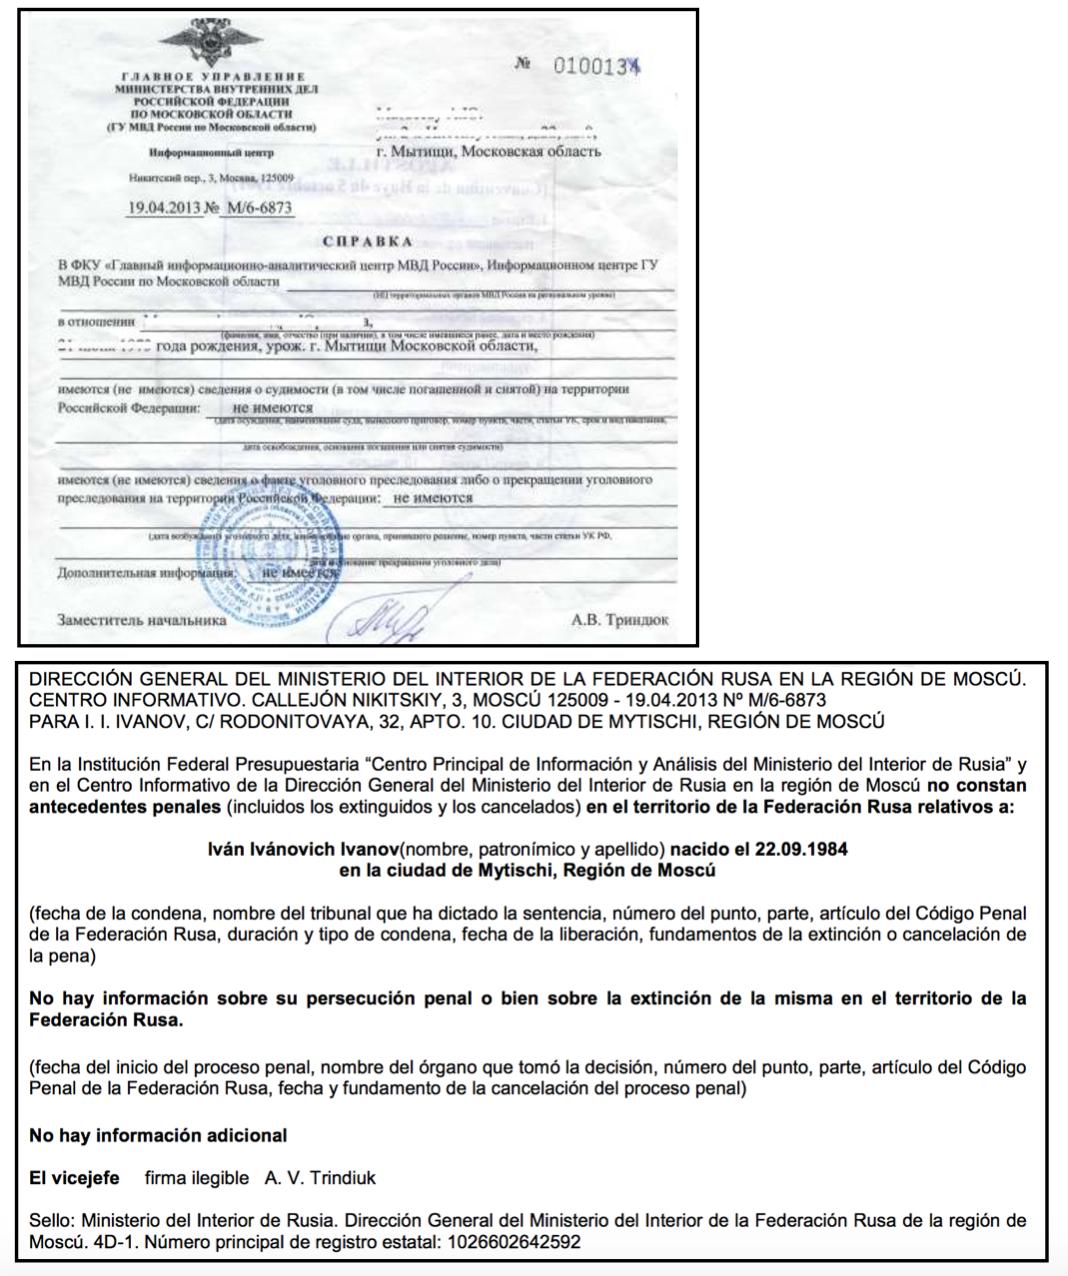 Медицинская справка для вмж в испании медицинская справка на участие в соревнованиях образец